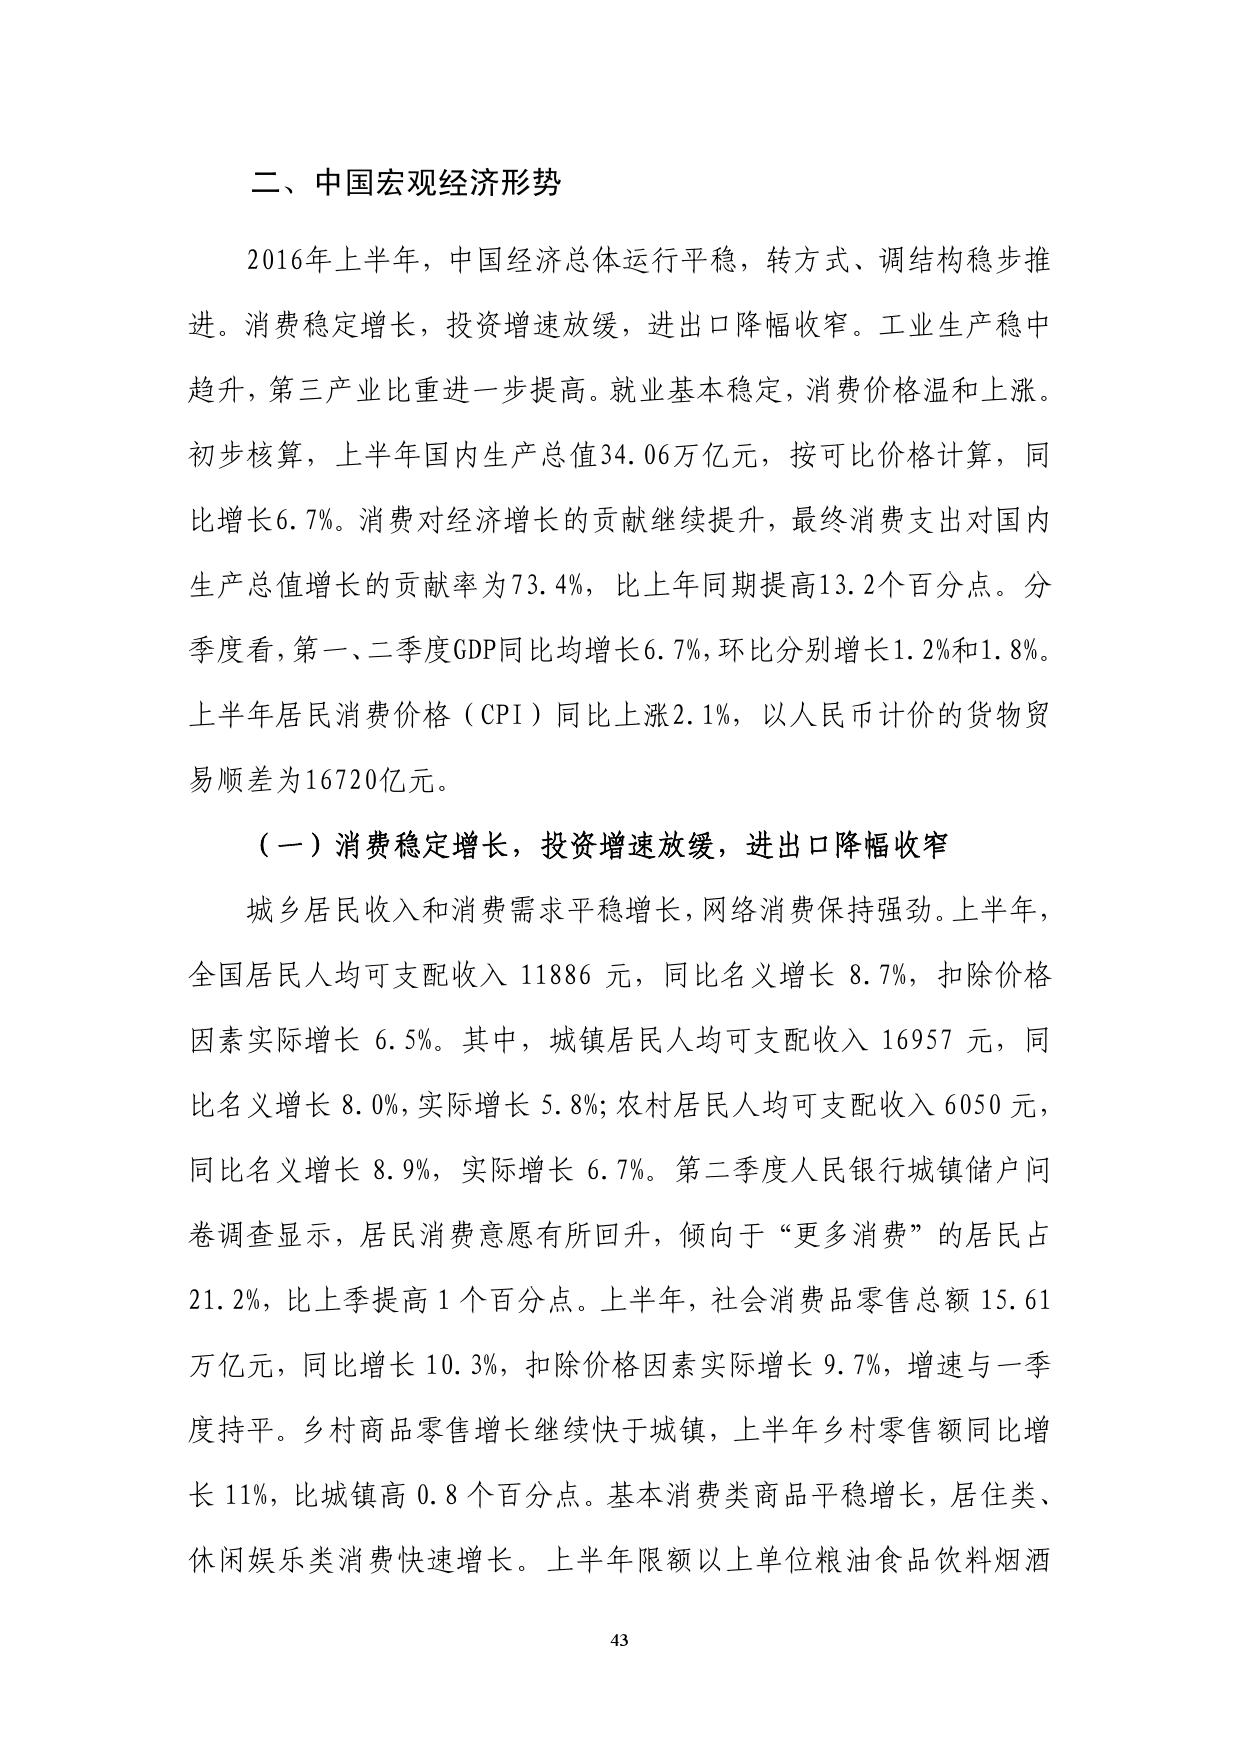 2016年Q2中国货币政策执行报告_000049